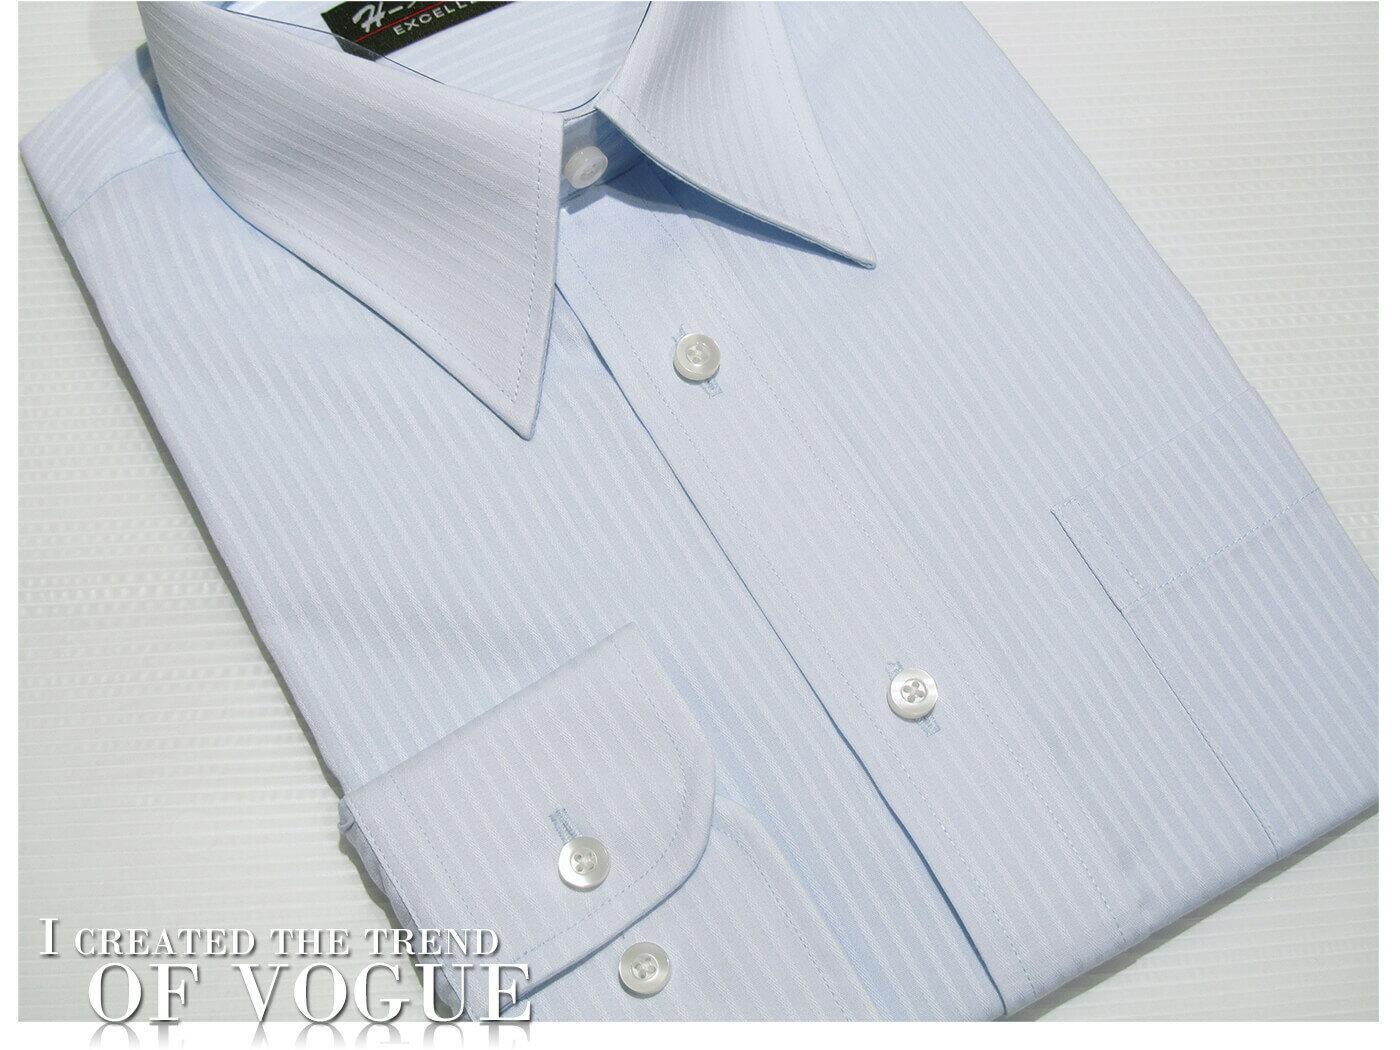 腰身剪裁正式襯衫 直條紋襯衫 舒適標準襯衫 面試襯衫 上班族襯衫 商務襯衫 長袖襯衫 不皺免燙襯衫 (322-3794)淺藍直條紋、(322-3795)淺灰直條紋 領圍:15~18英吋 [實體店面保障] sun-e322 3